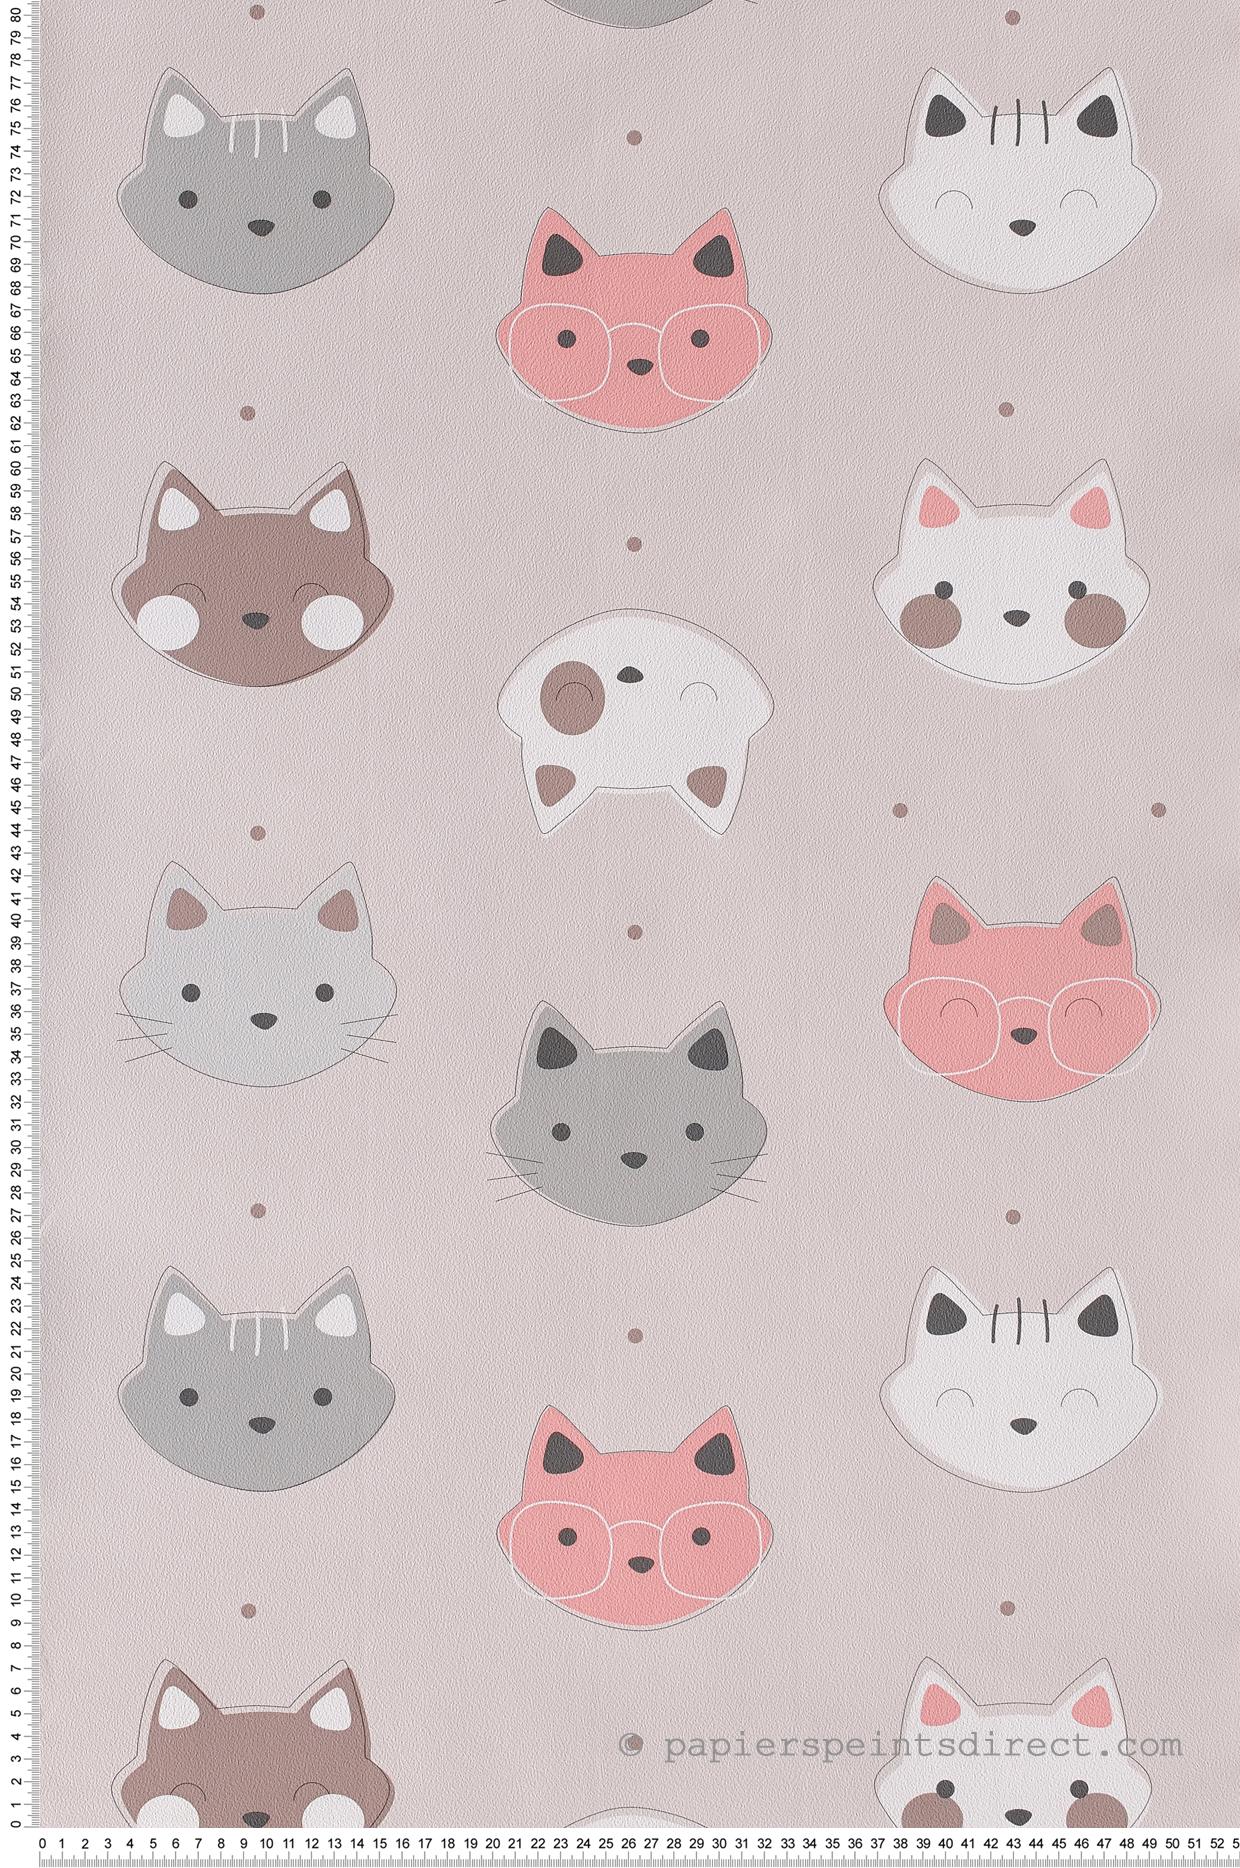 Papier Peint Tête de chat rose - Les aventures de Lutèce  | Réf. LTC-51171903